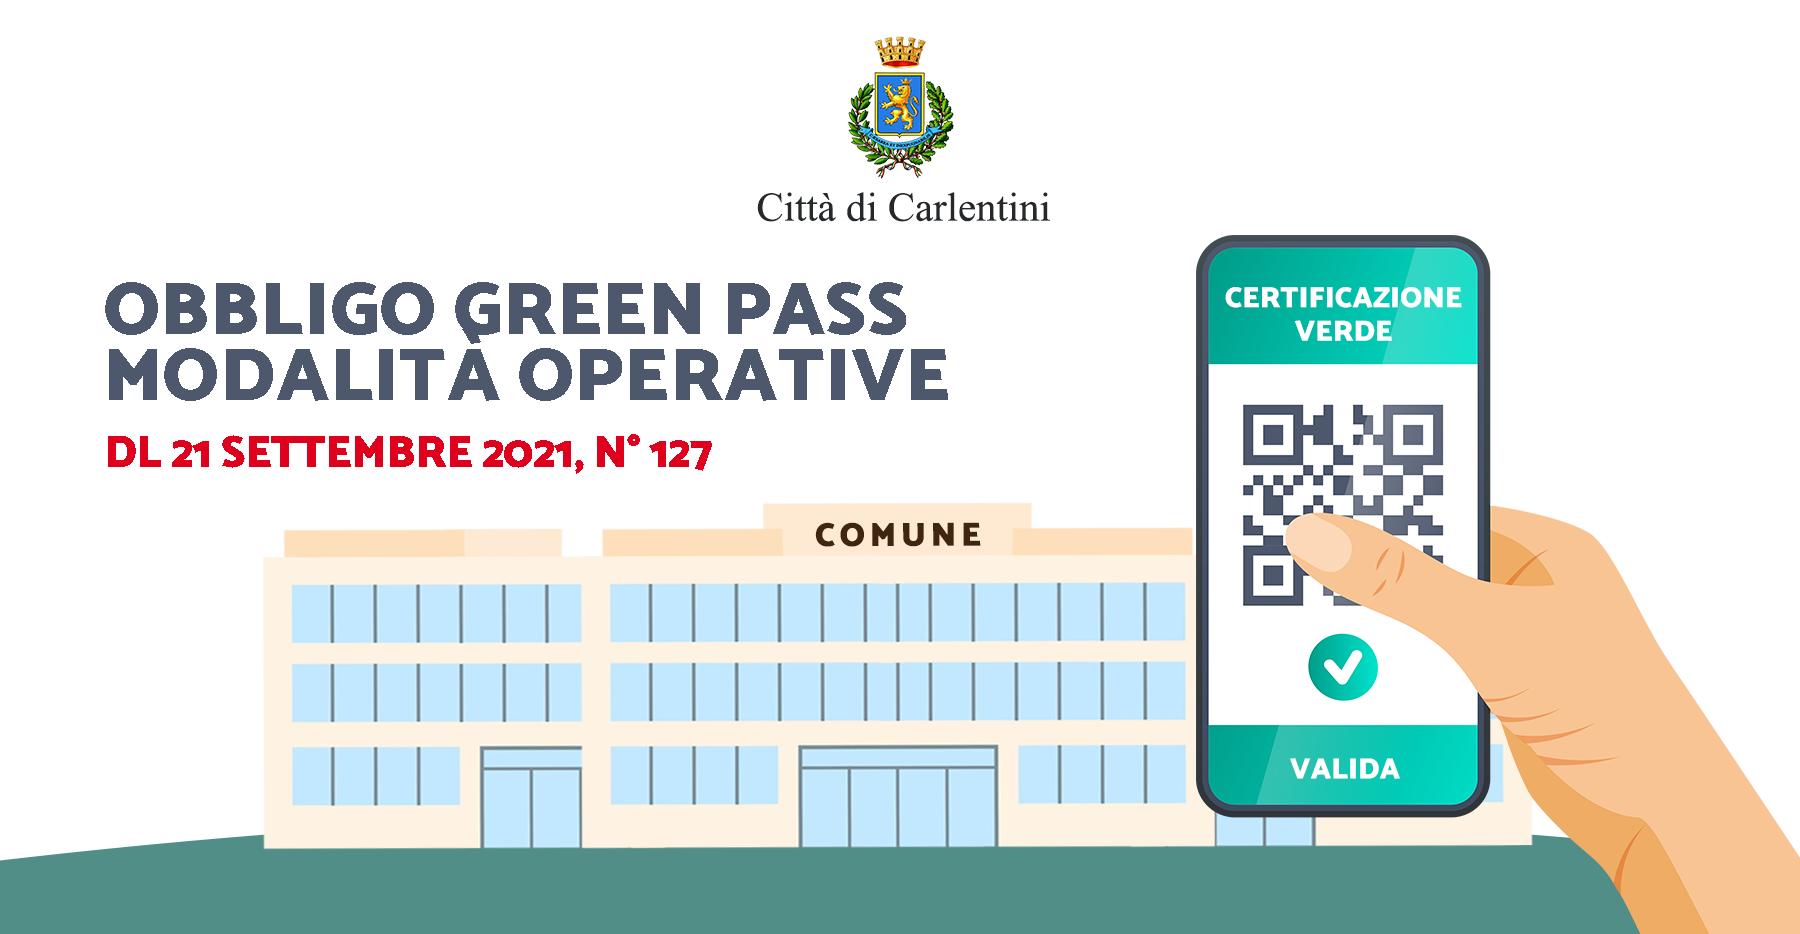 Obbligo di possesso e di esibizione certificazione verde Covid-19: modalità operative